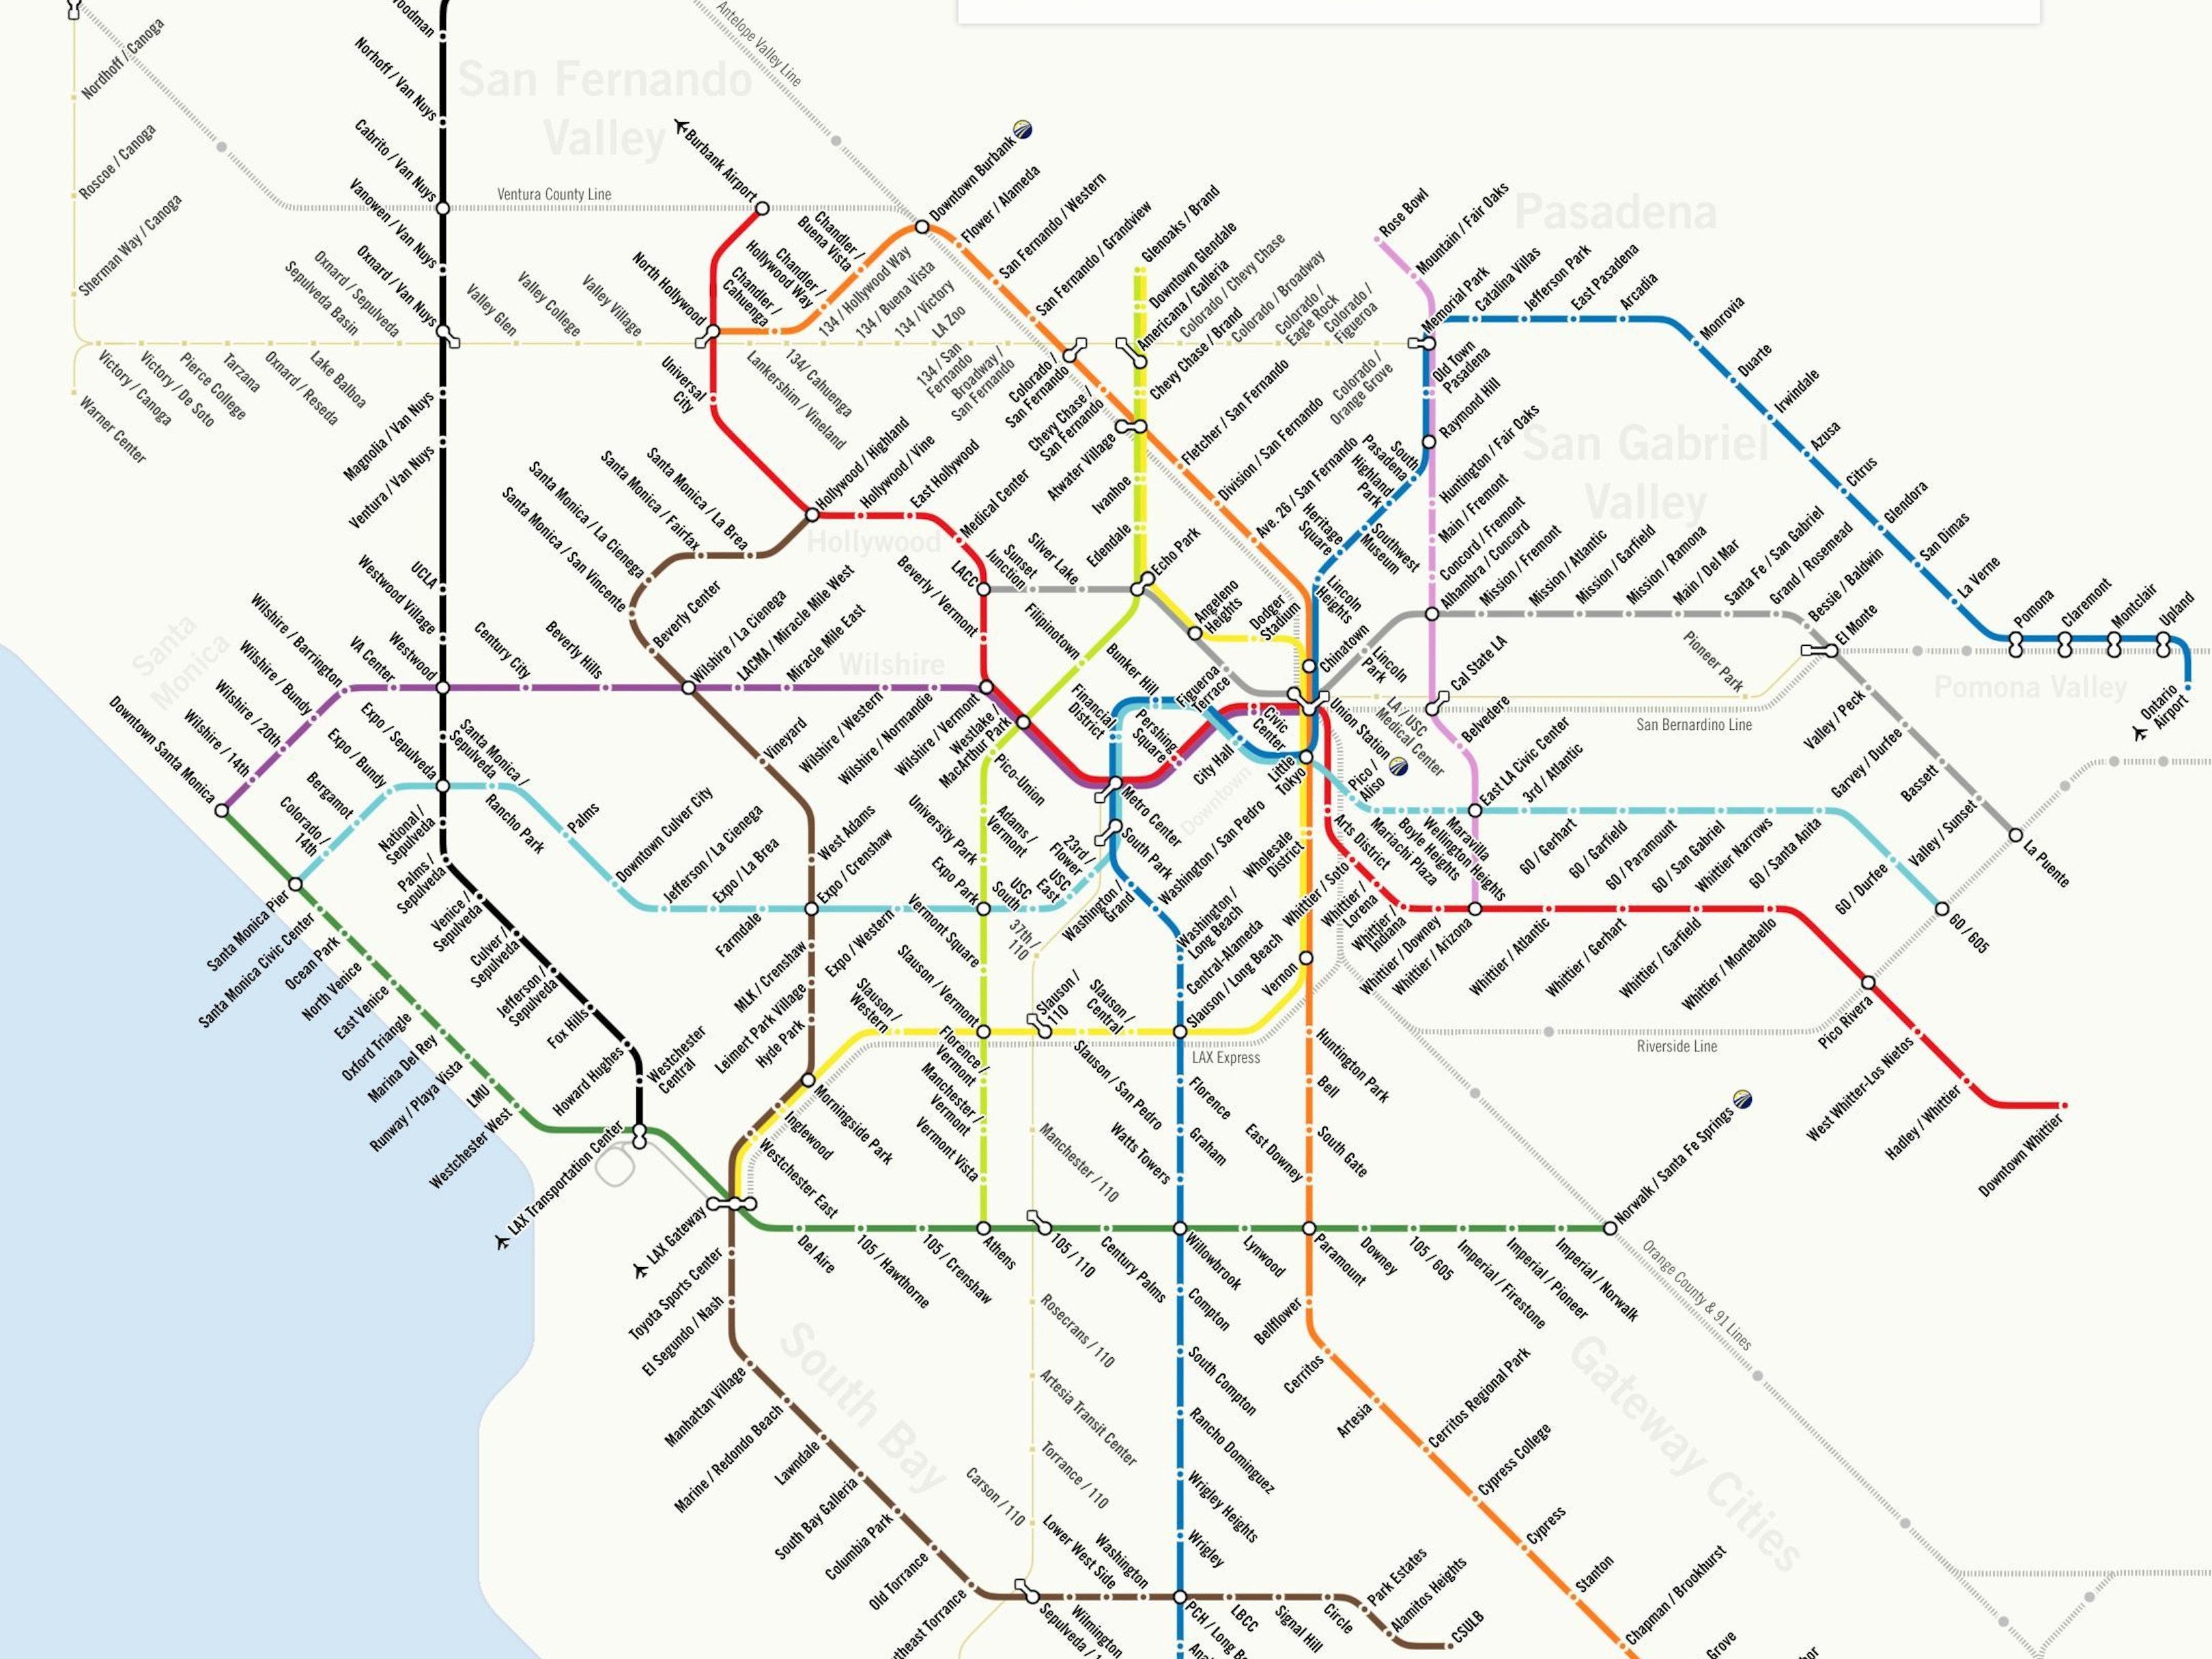 The 2024 Olympics Might Make L.A.'s Futuristic Metro Map Come True